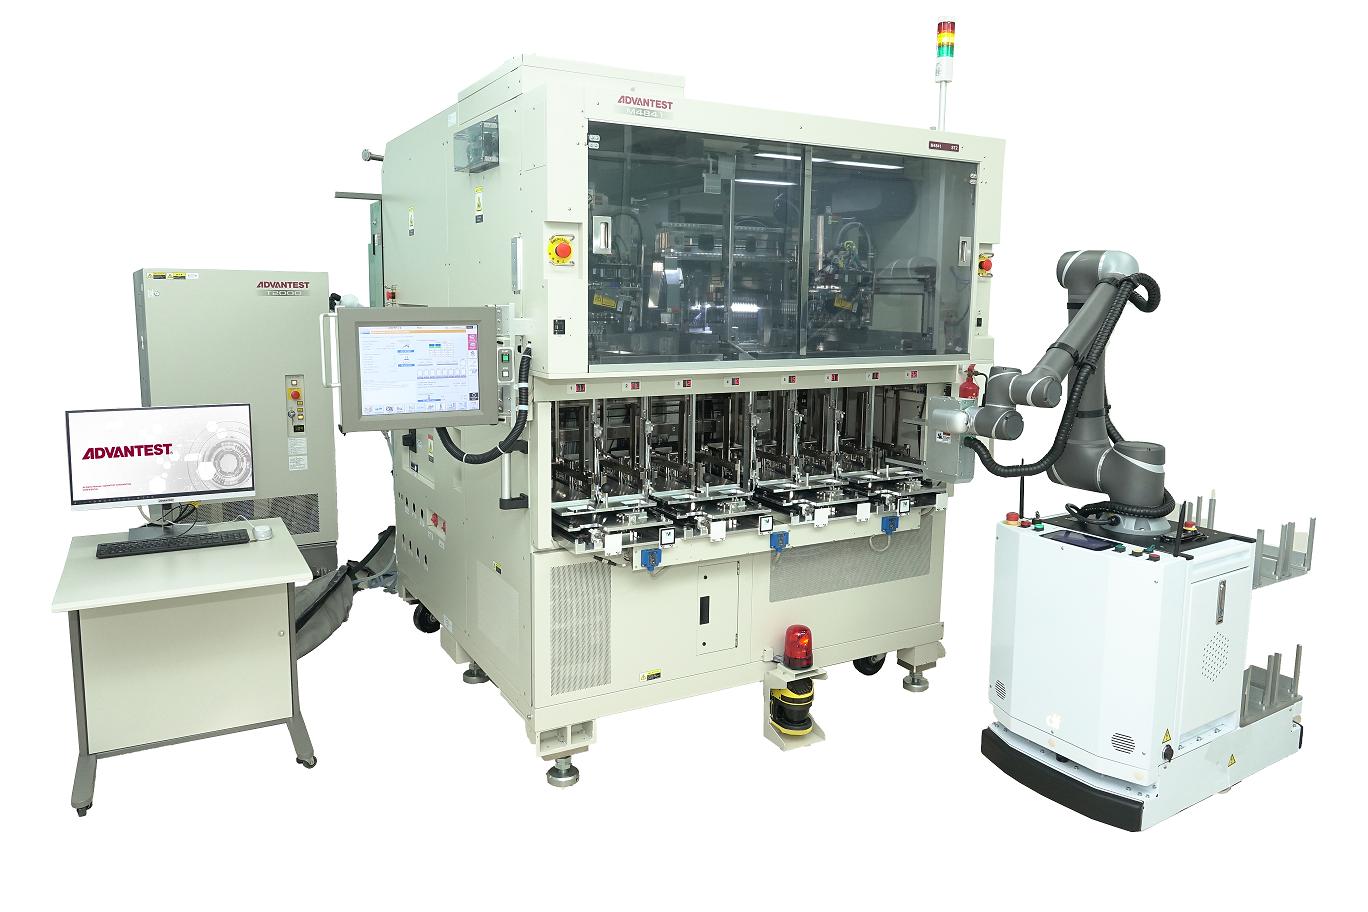 意法半导体与爱德万测试合作开发先进IC自动测试单元系统